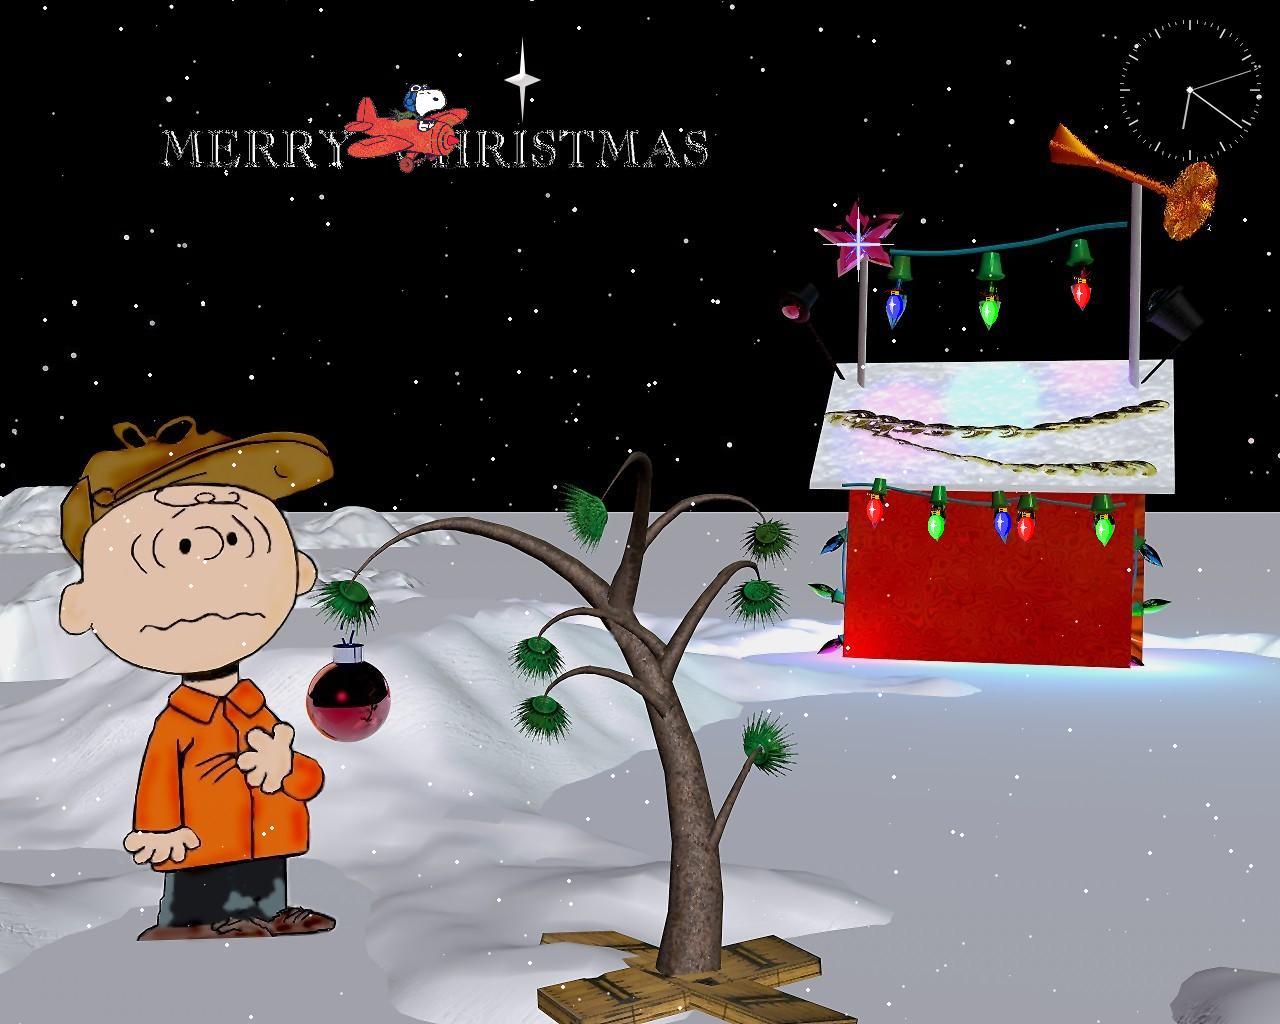 charlie Brown Christmas 1280x1024